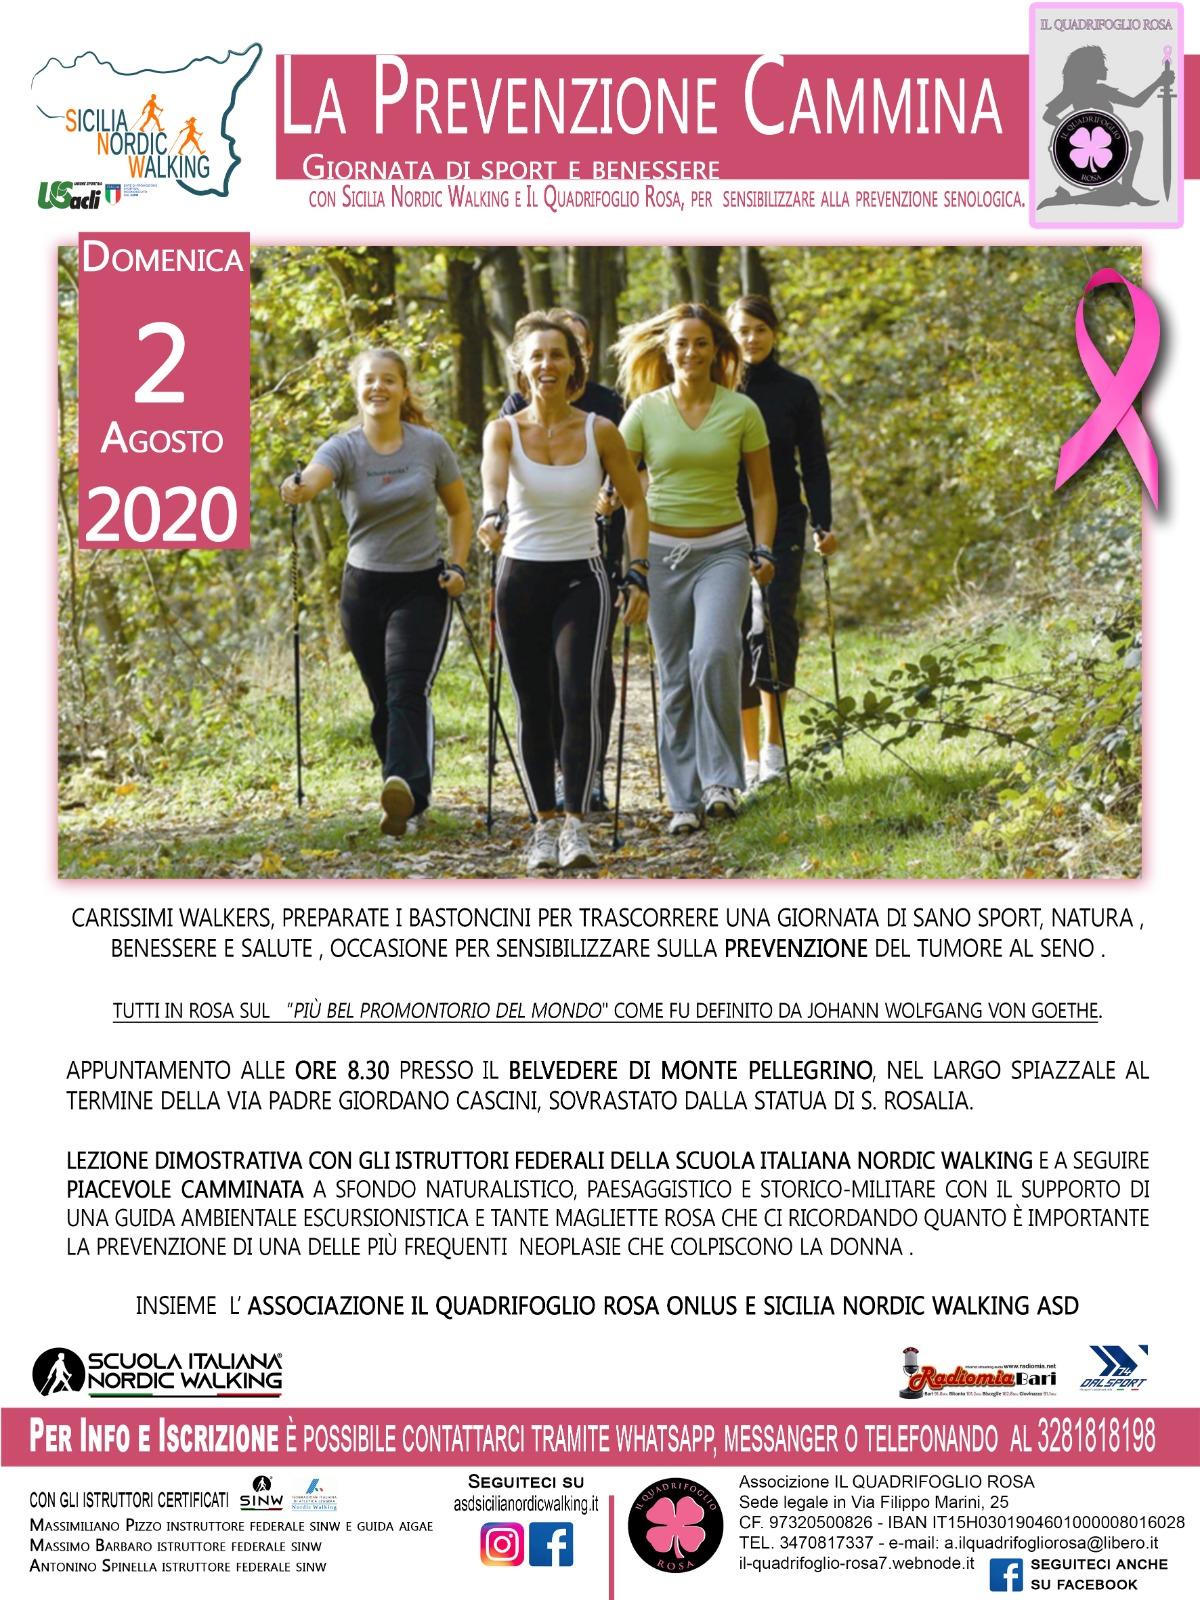 """Il 2 agosto prossimo, tutti a Palermo per """"la Prevenzione Cammina"""""""